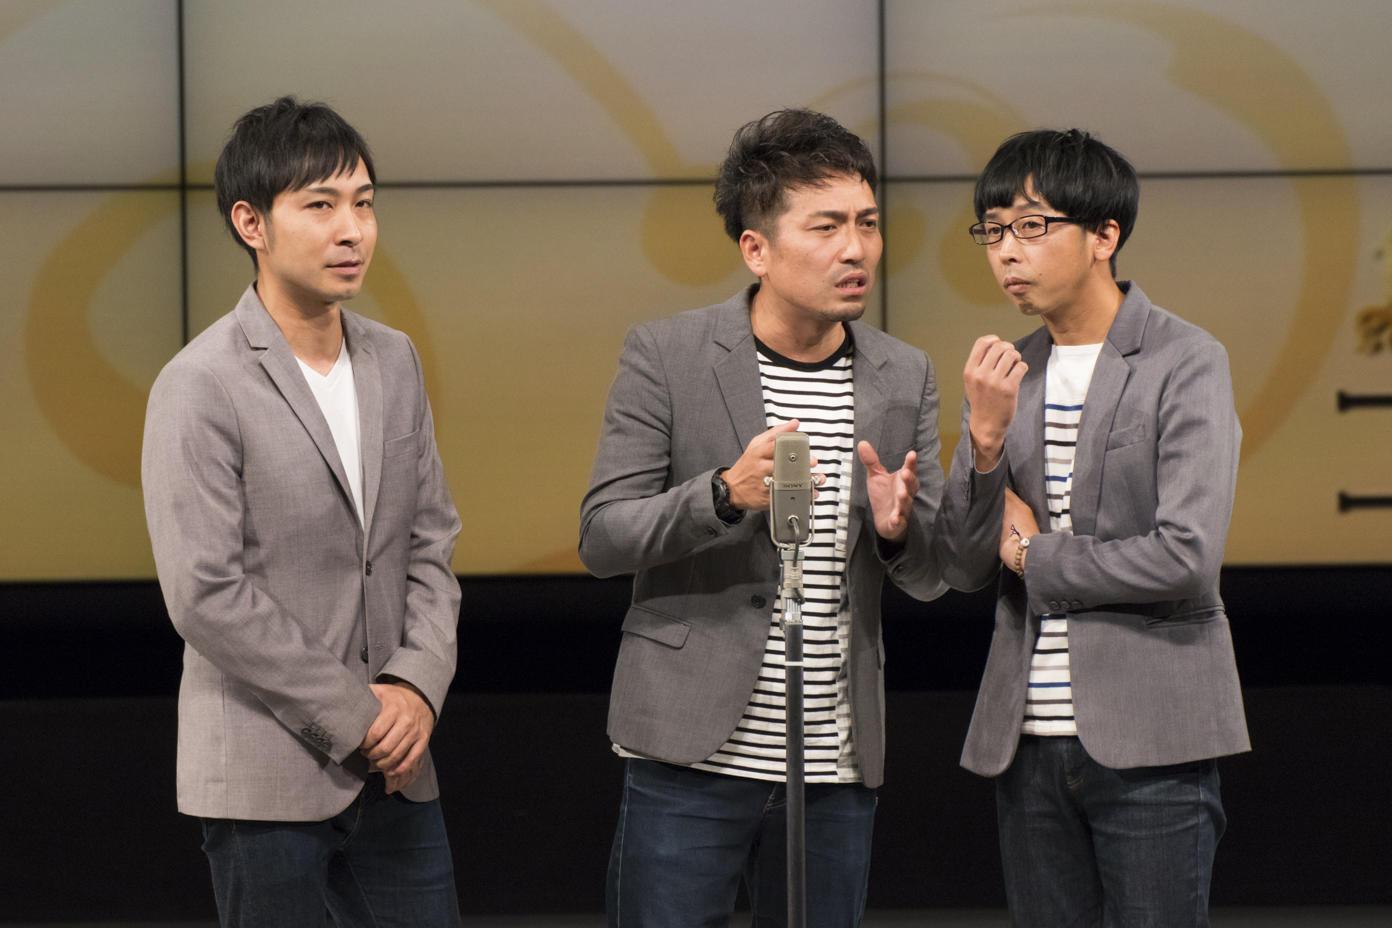 http://news.yoshimoto.co.jp/20160824232215-6cd6b451bfe1d4667bf2e4ce523c6fff63198f24.jpg